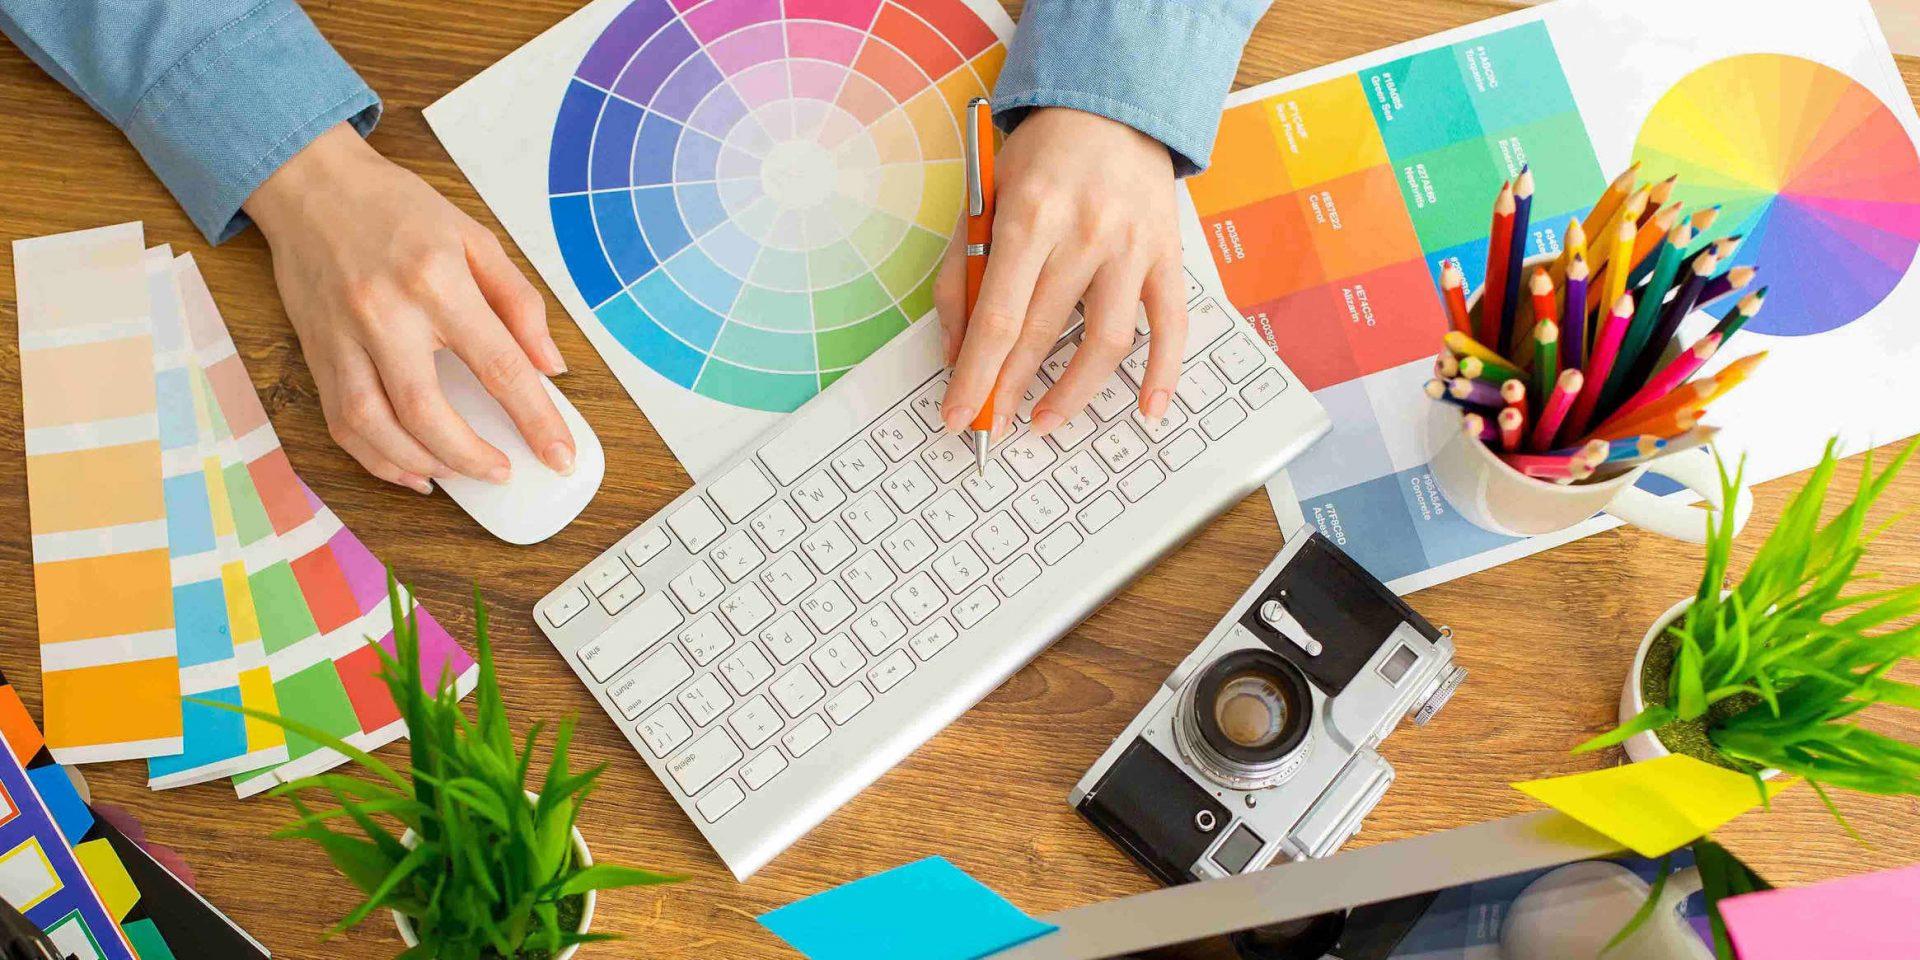 Jobs in der Kreativbranche (Teil 1):  Mit Text, Design und Fotografie durchstarten